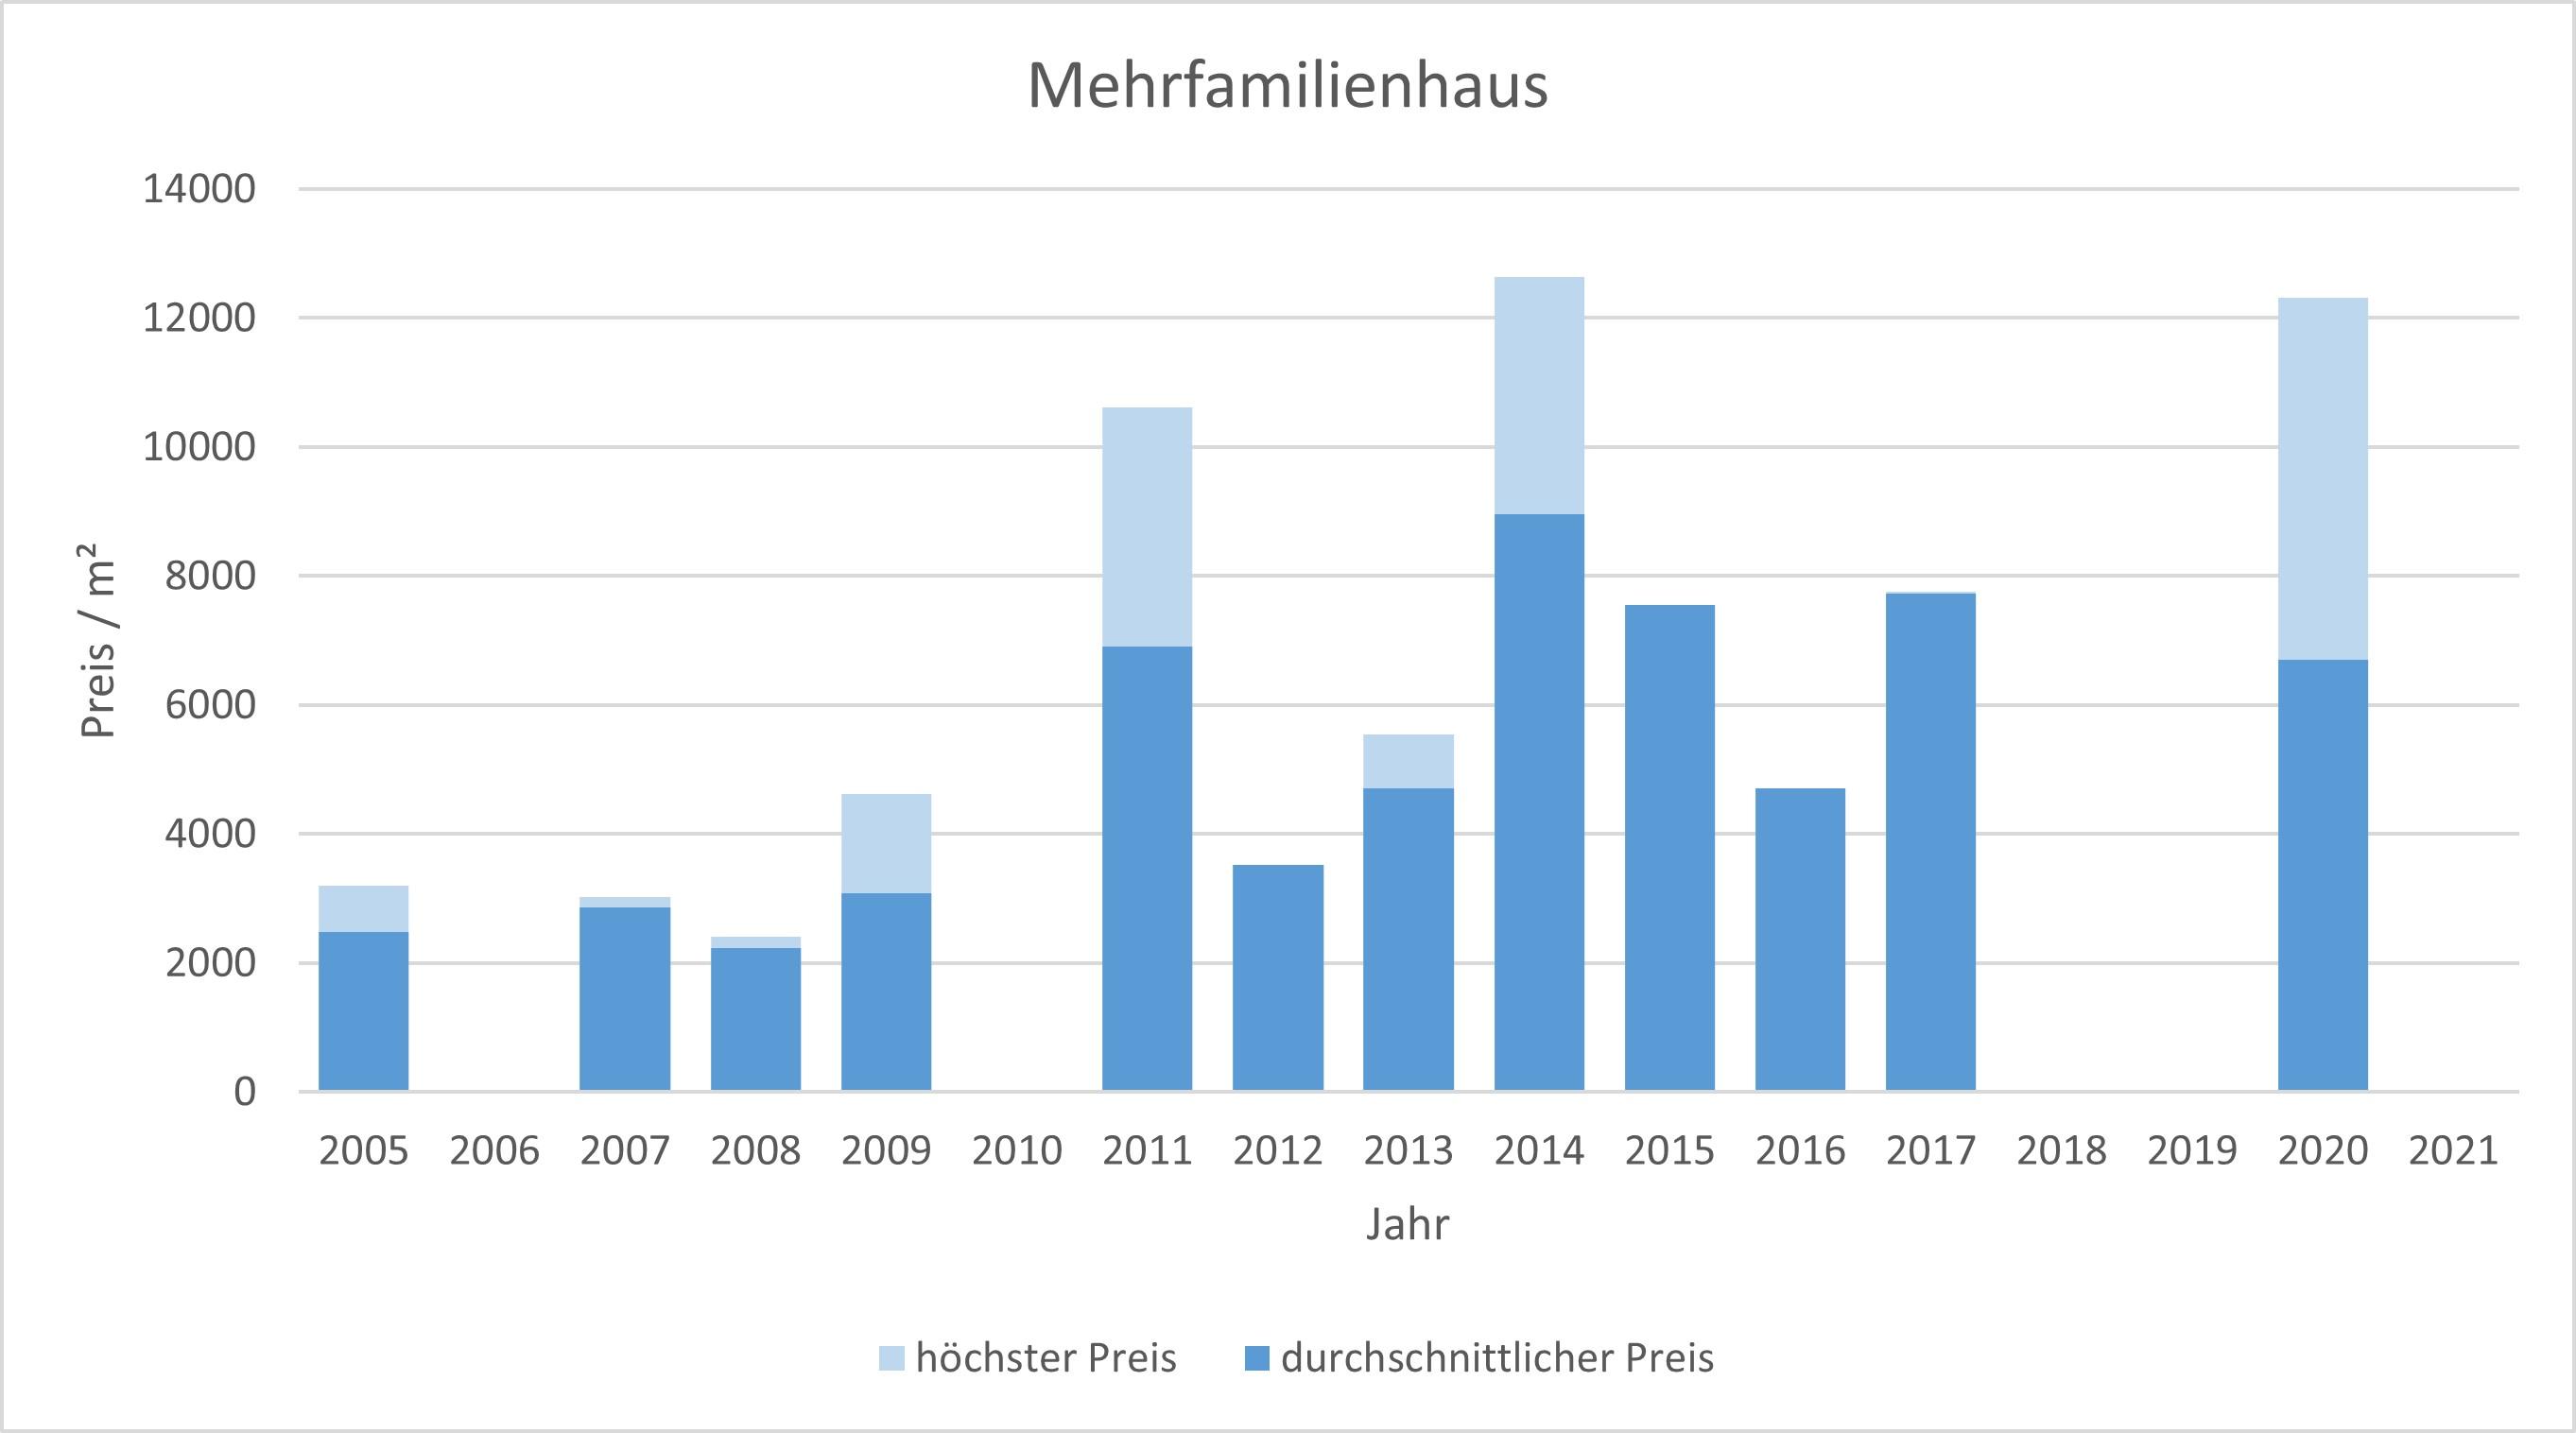 München - Isarvorstadt Mehrfamilienhaus kaufen verkaufen Preis Bewertung Makler 2019 2020 2021 www.happy-immo.de